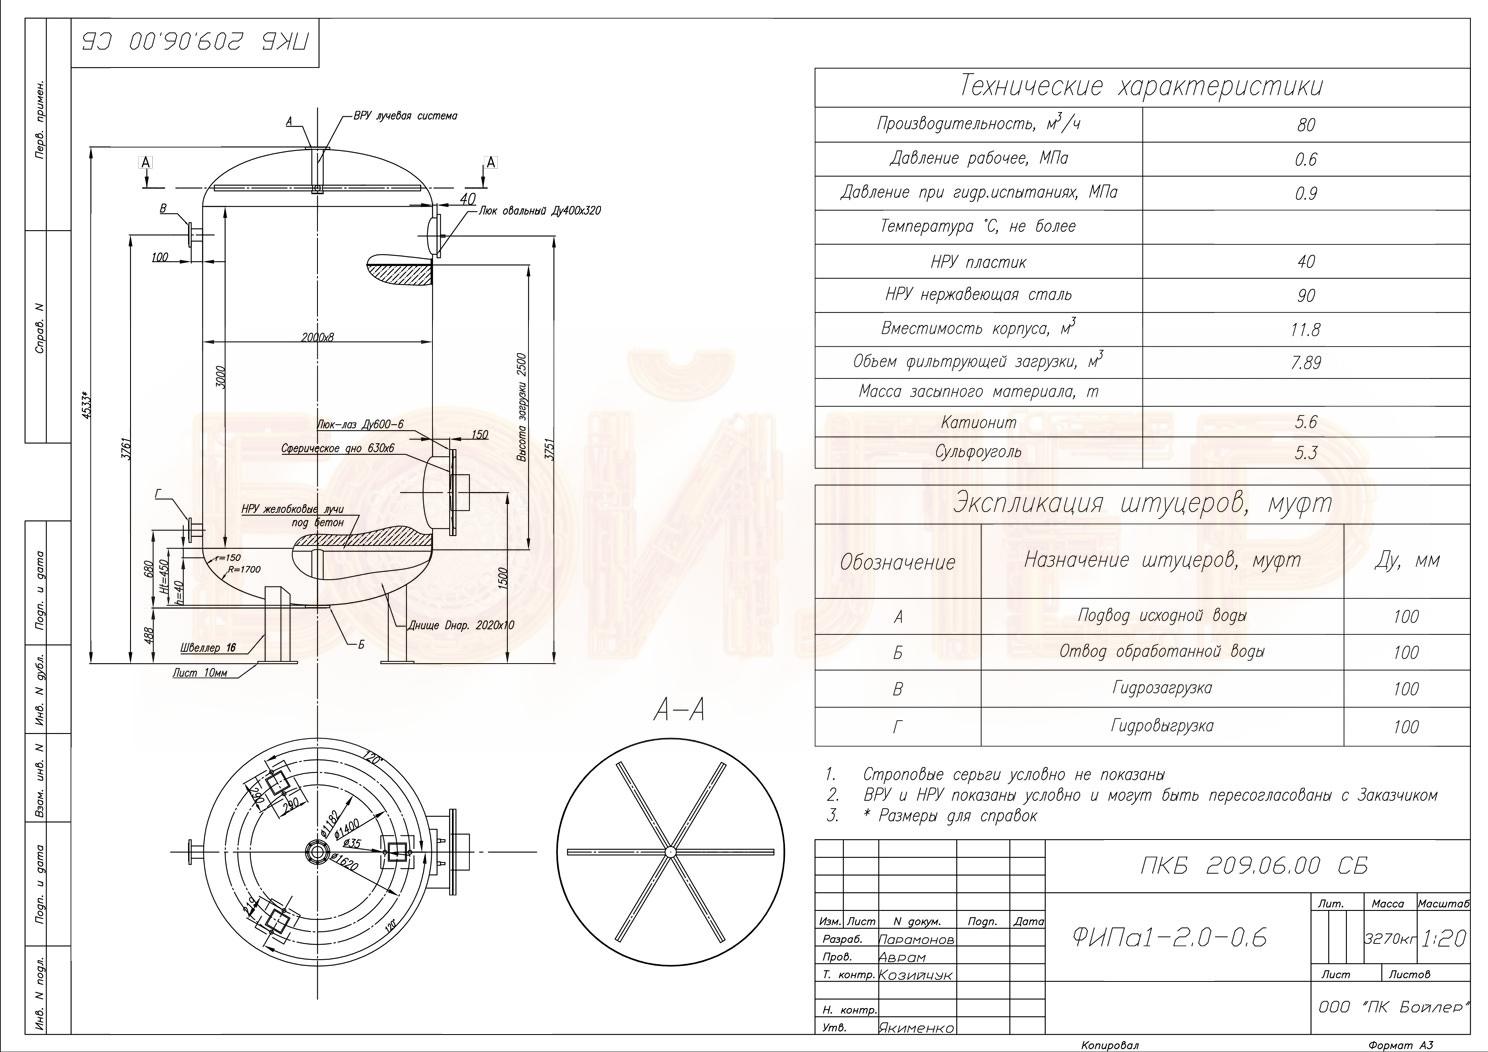 Кожухотрубный конденсатор ONDA M 660 Киров Уплотнения теплообменника Sondex S37 Элиста